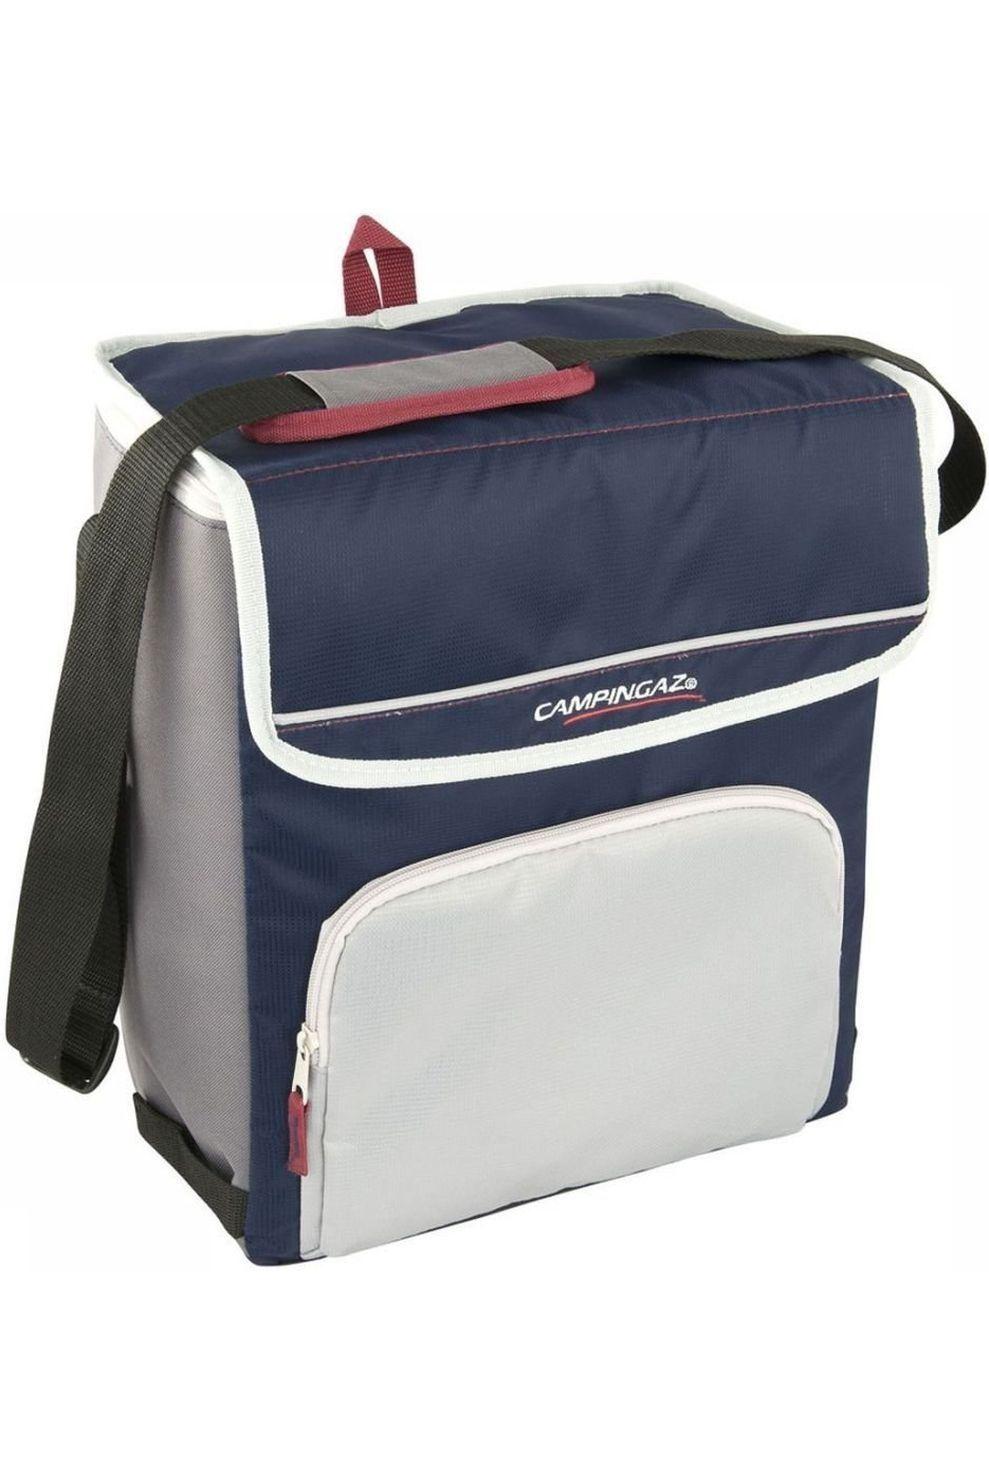 Campingaz Koeltas Fold'n Cool 20L - Blauw/Wit